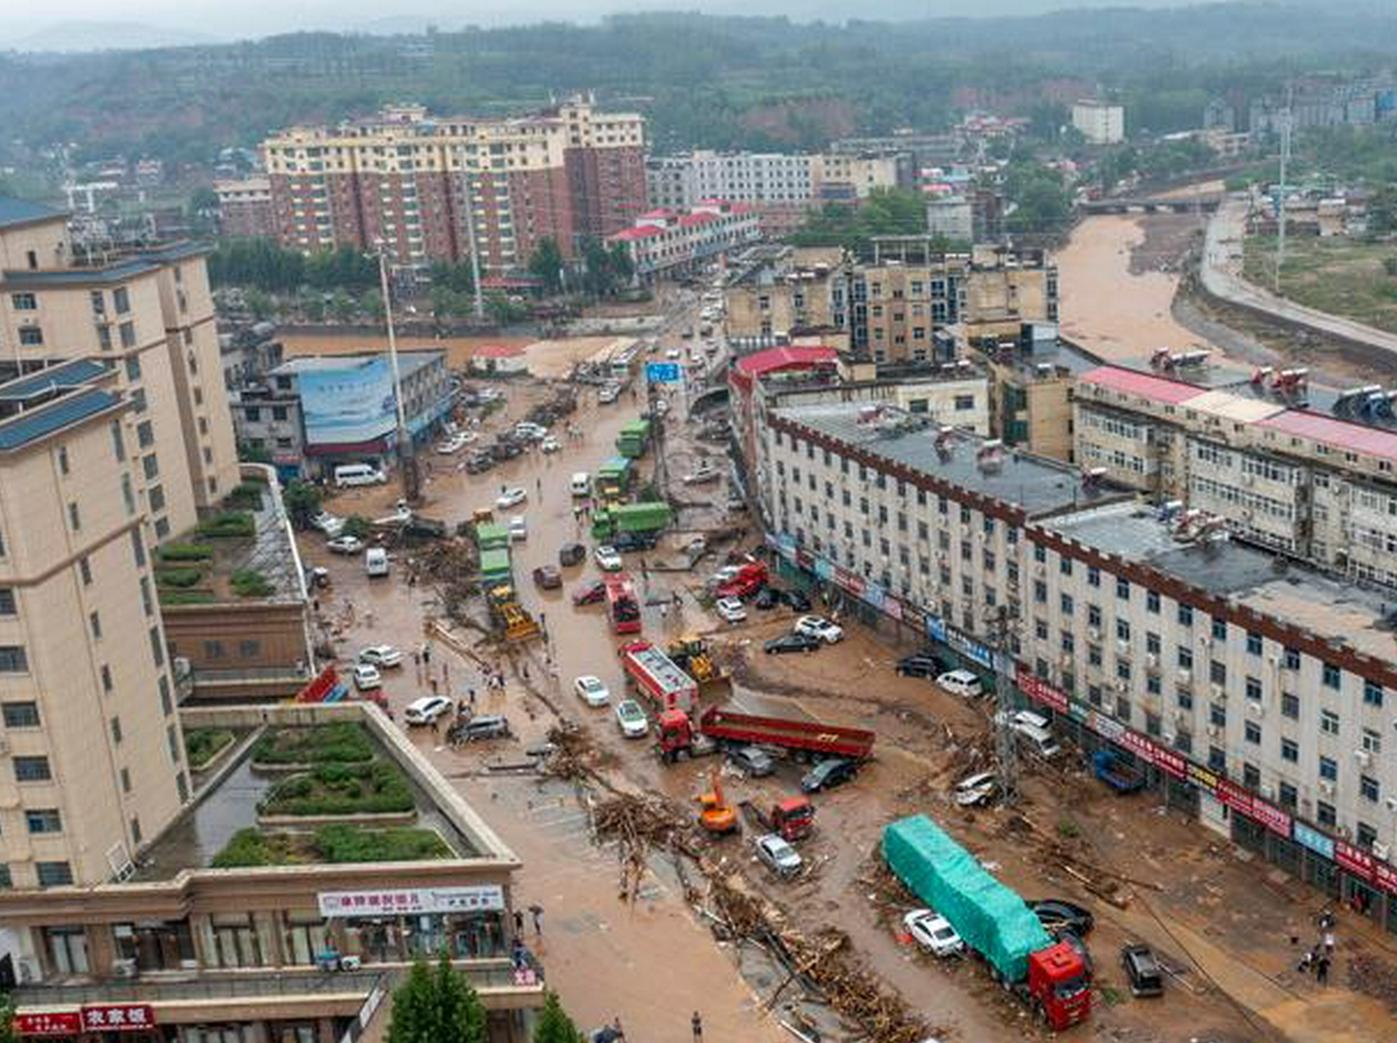 多图直击河南暴雨:洪水肆虐下的米河镇